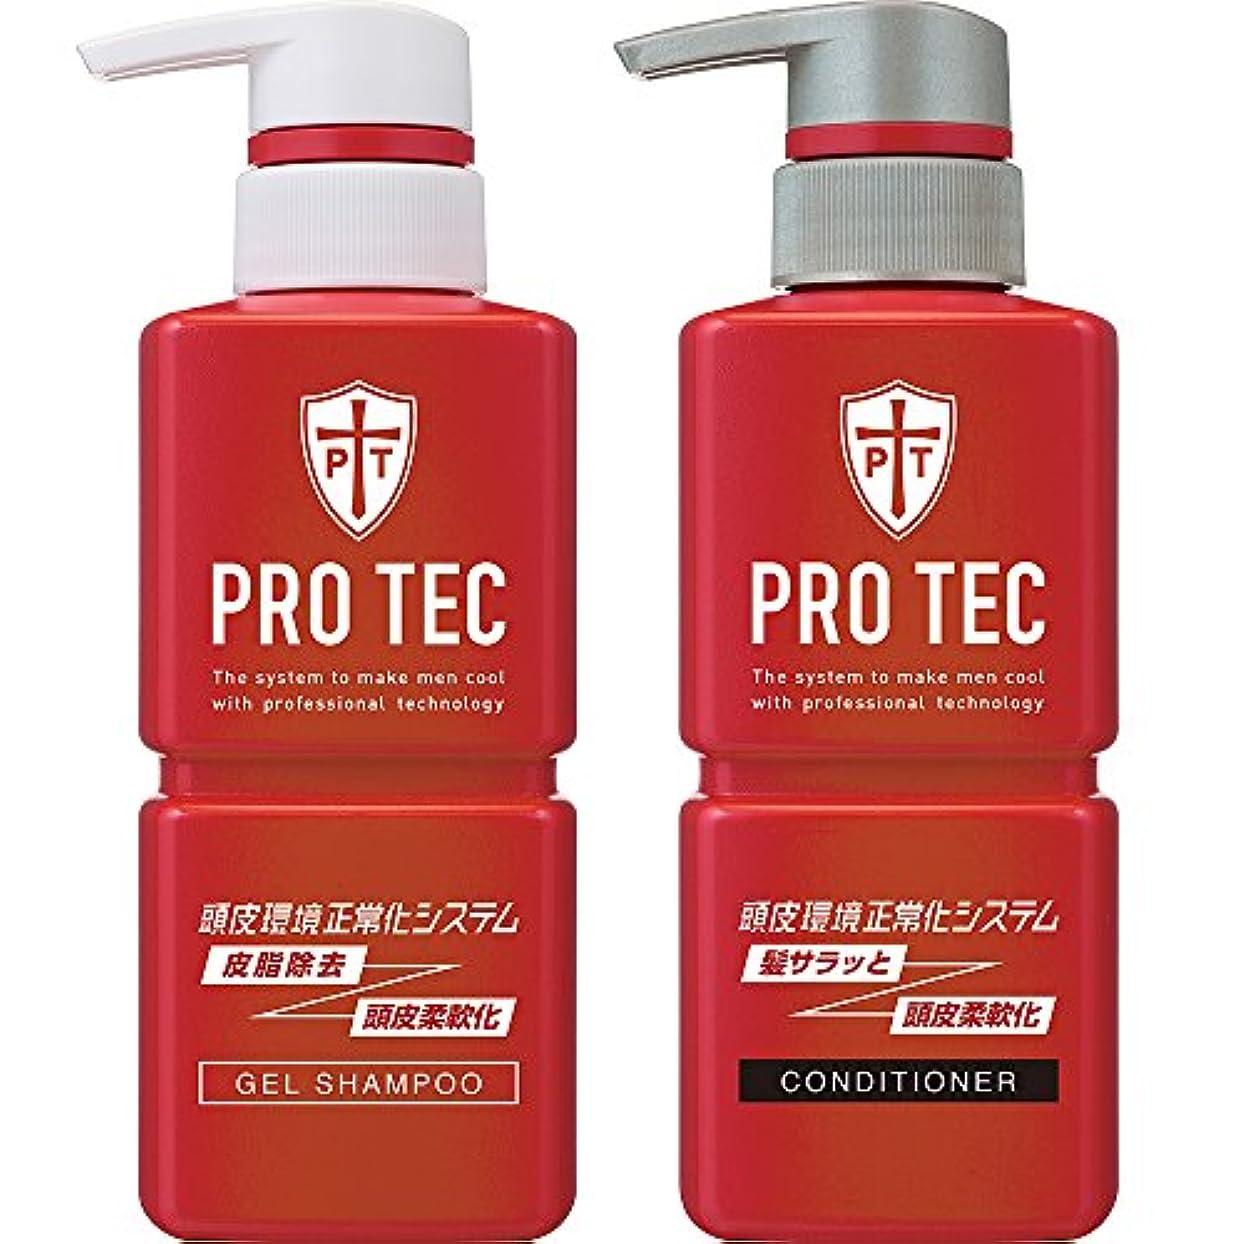 メロドラマ整理する煙PRO TEC(プロテク) 頭皮ストレッチ シャンプー ポンプ 300g(医薬部外品)+ コンディショナー ポンプ 300g